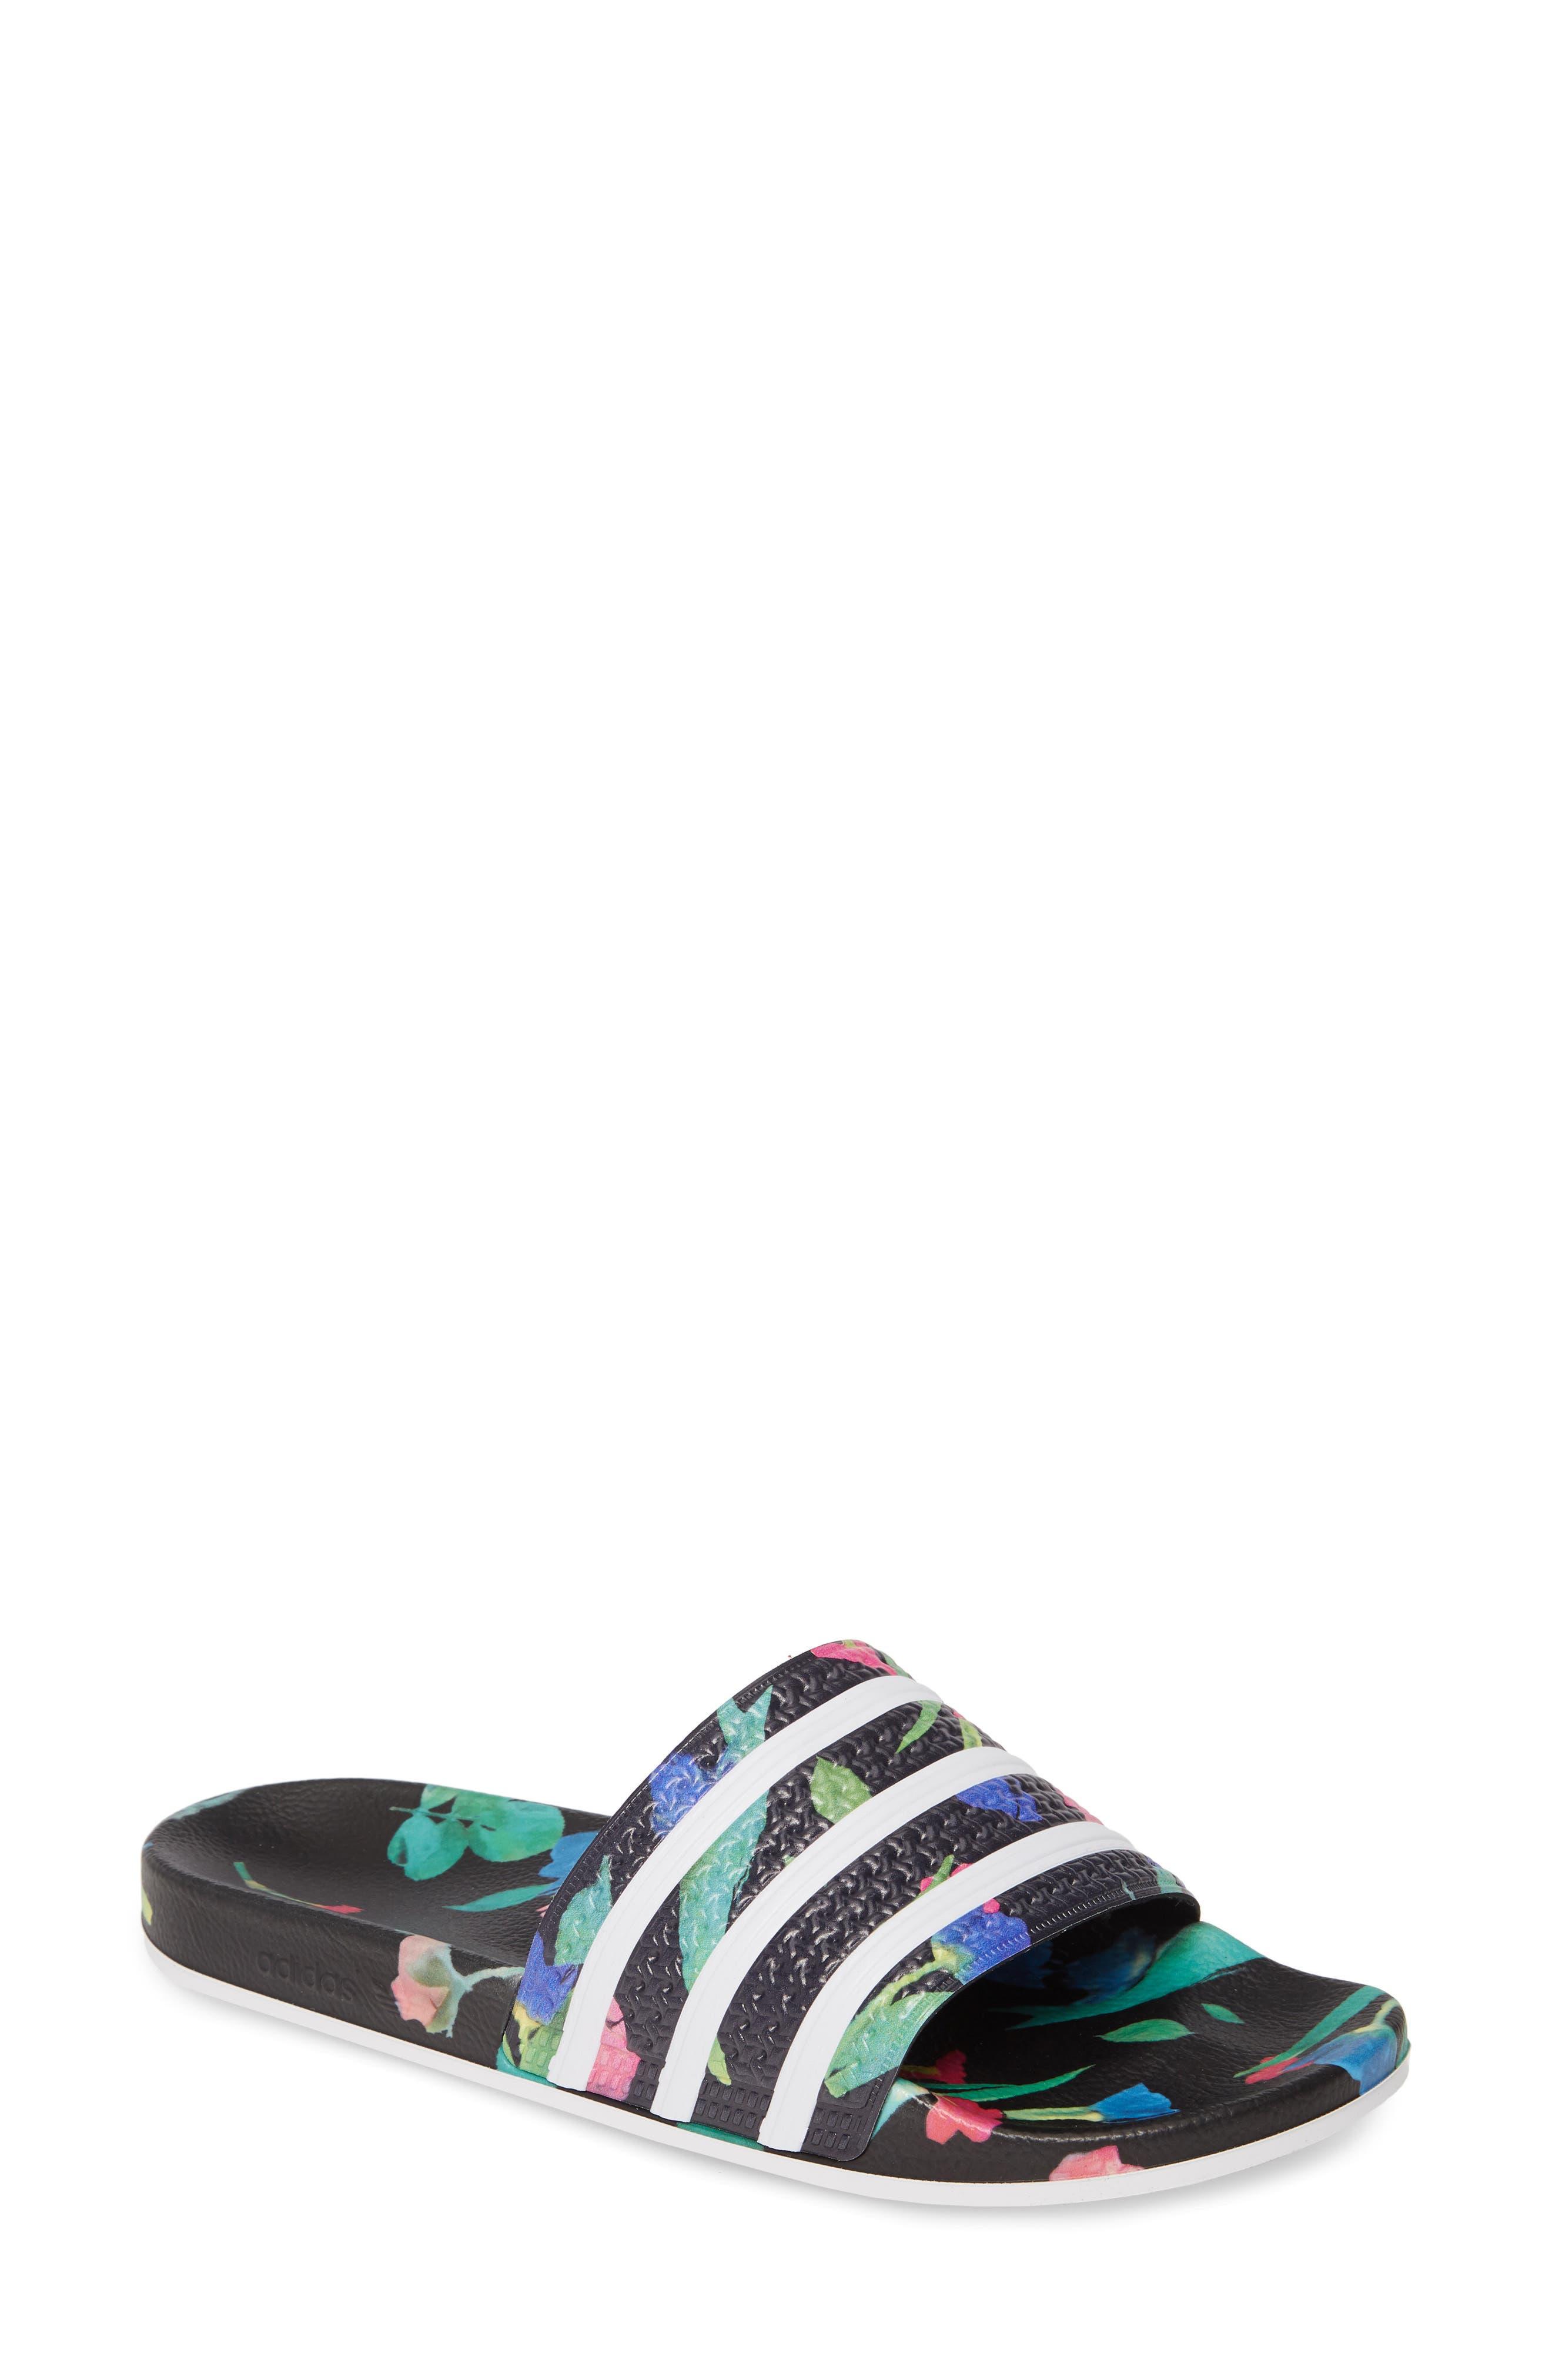 595cf51bfaf Women's Pool Slide Sandals | Nordstrom